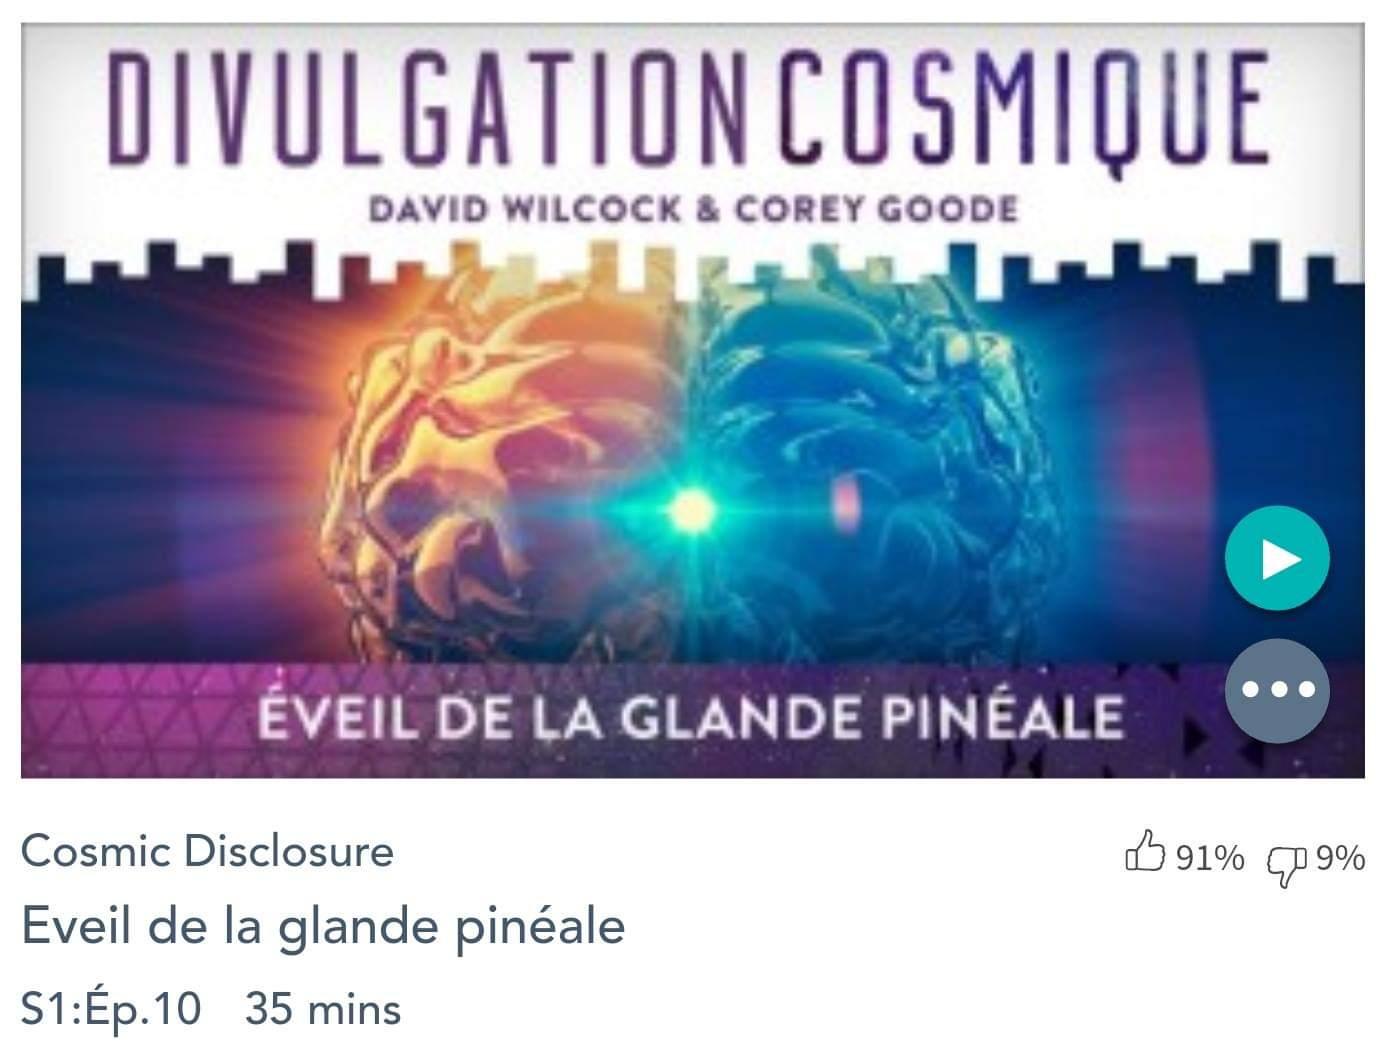 Émission « DIVULGATION COSMIQUE», l'intégrale. Saison 1, épisode 10/14 : ÉVEIL DE LA GLANDE PINEALE